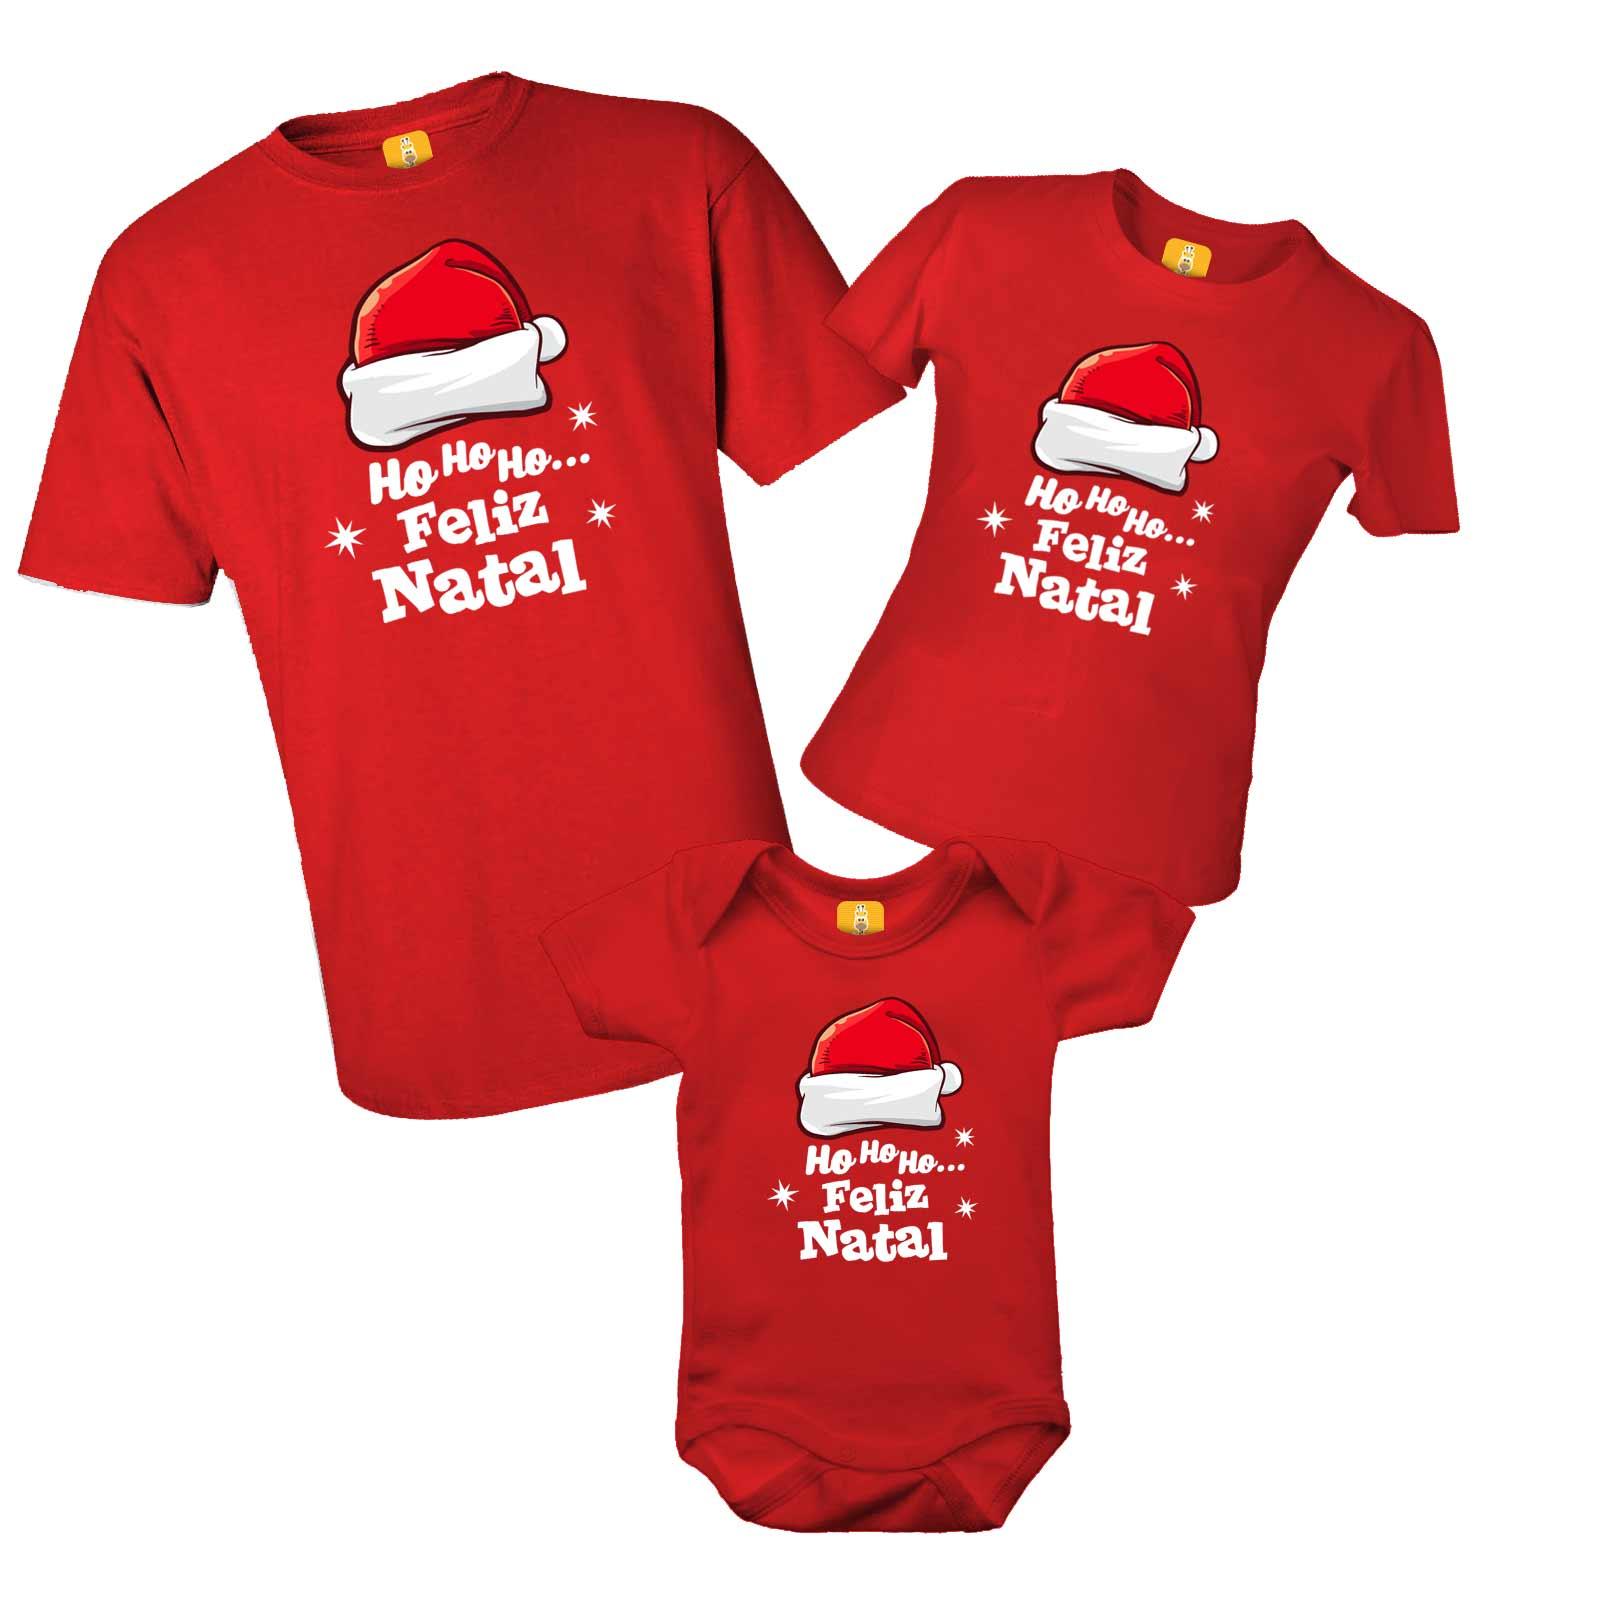 Kit camiseta e body - Feliz Natal Ho Ho Ho